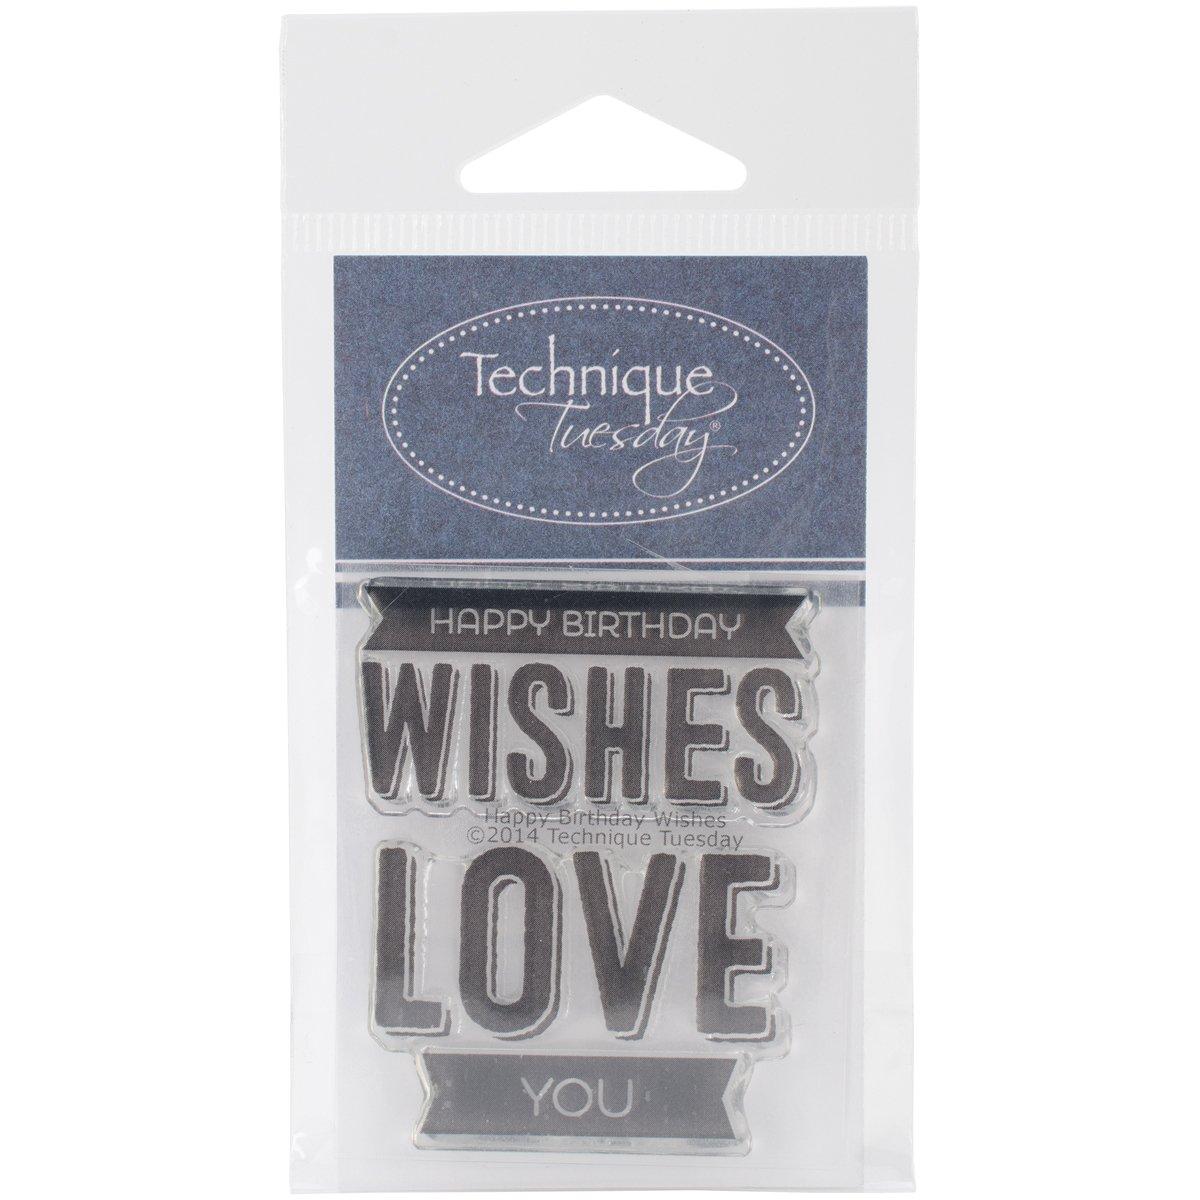 Unbekannt Technik Dienstag Happy Birthday Wishes Briefmarken, 5,1 cm von 6,3 cm klar B00OY1GBJ0 | Haltbarer Service  | Maßstab ist der Grundstein, Qualität ist Säulenbalken, Preis ist Leiter  | Ausgezeichnete Leistung